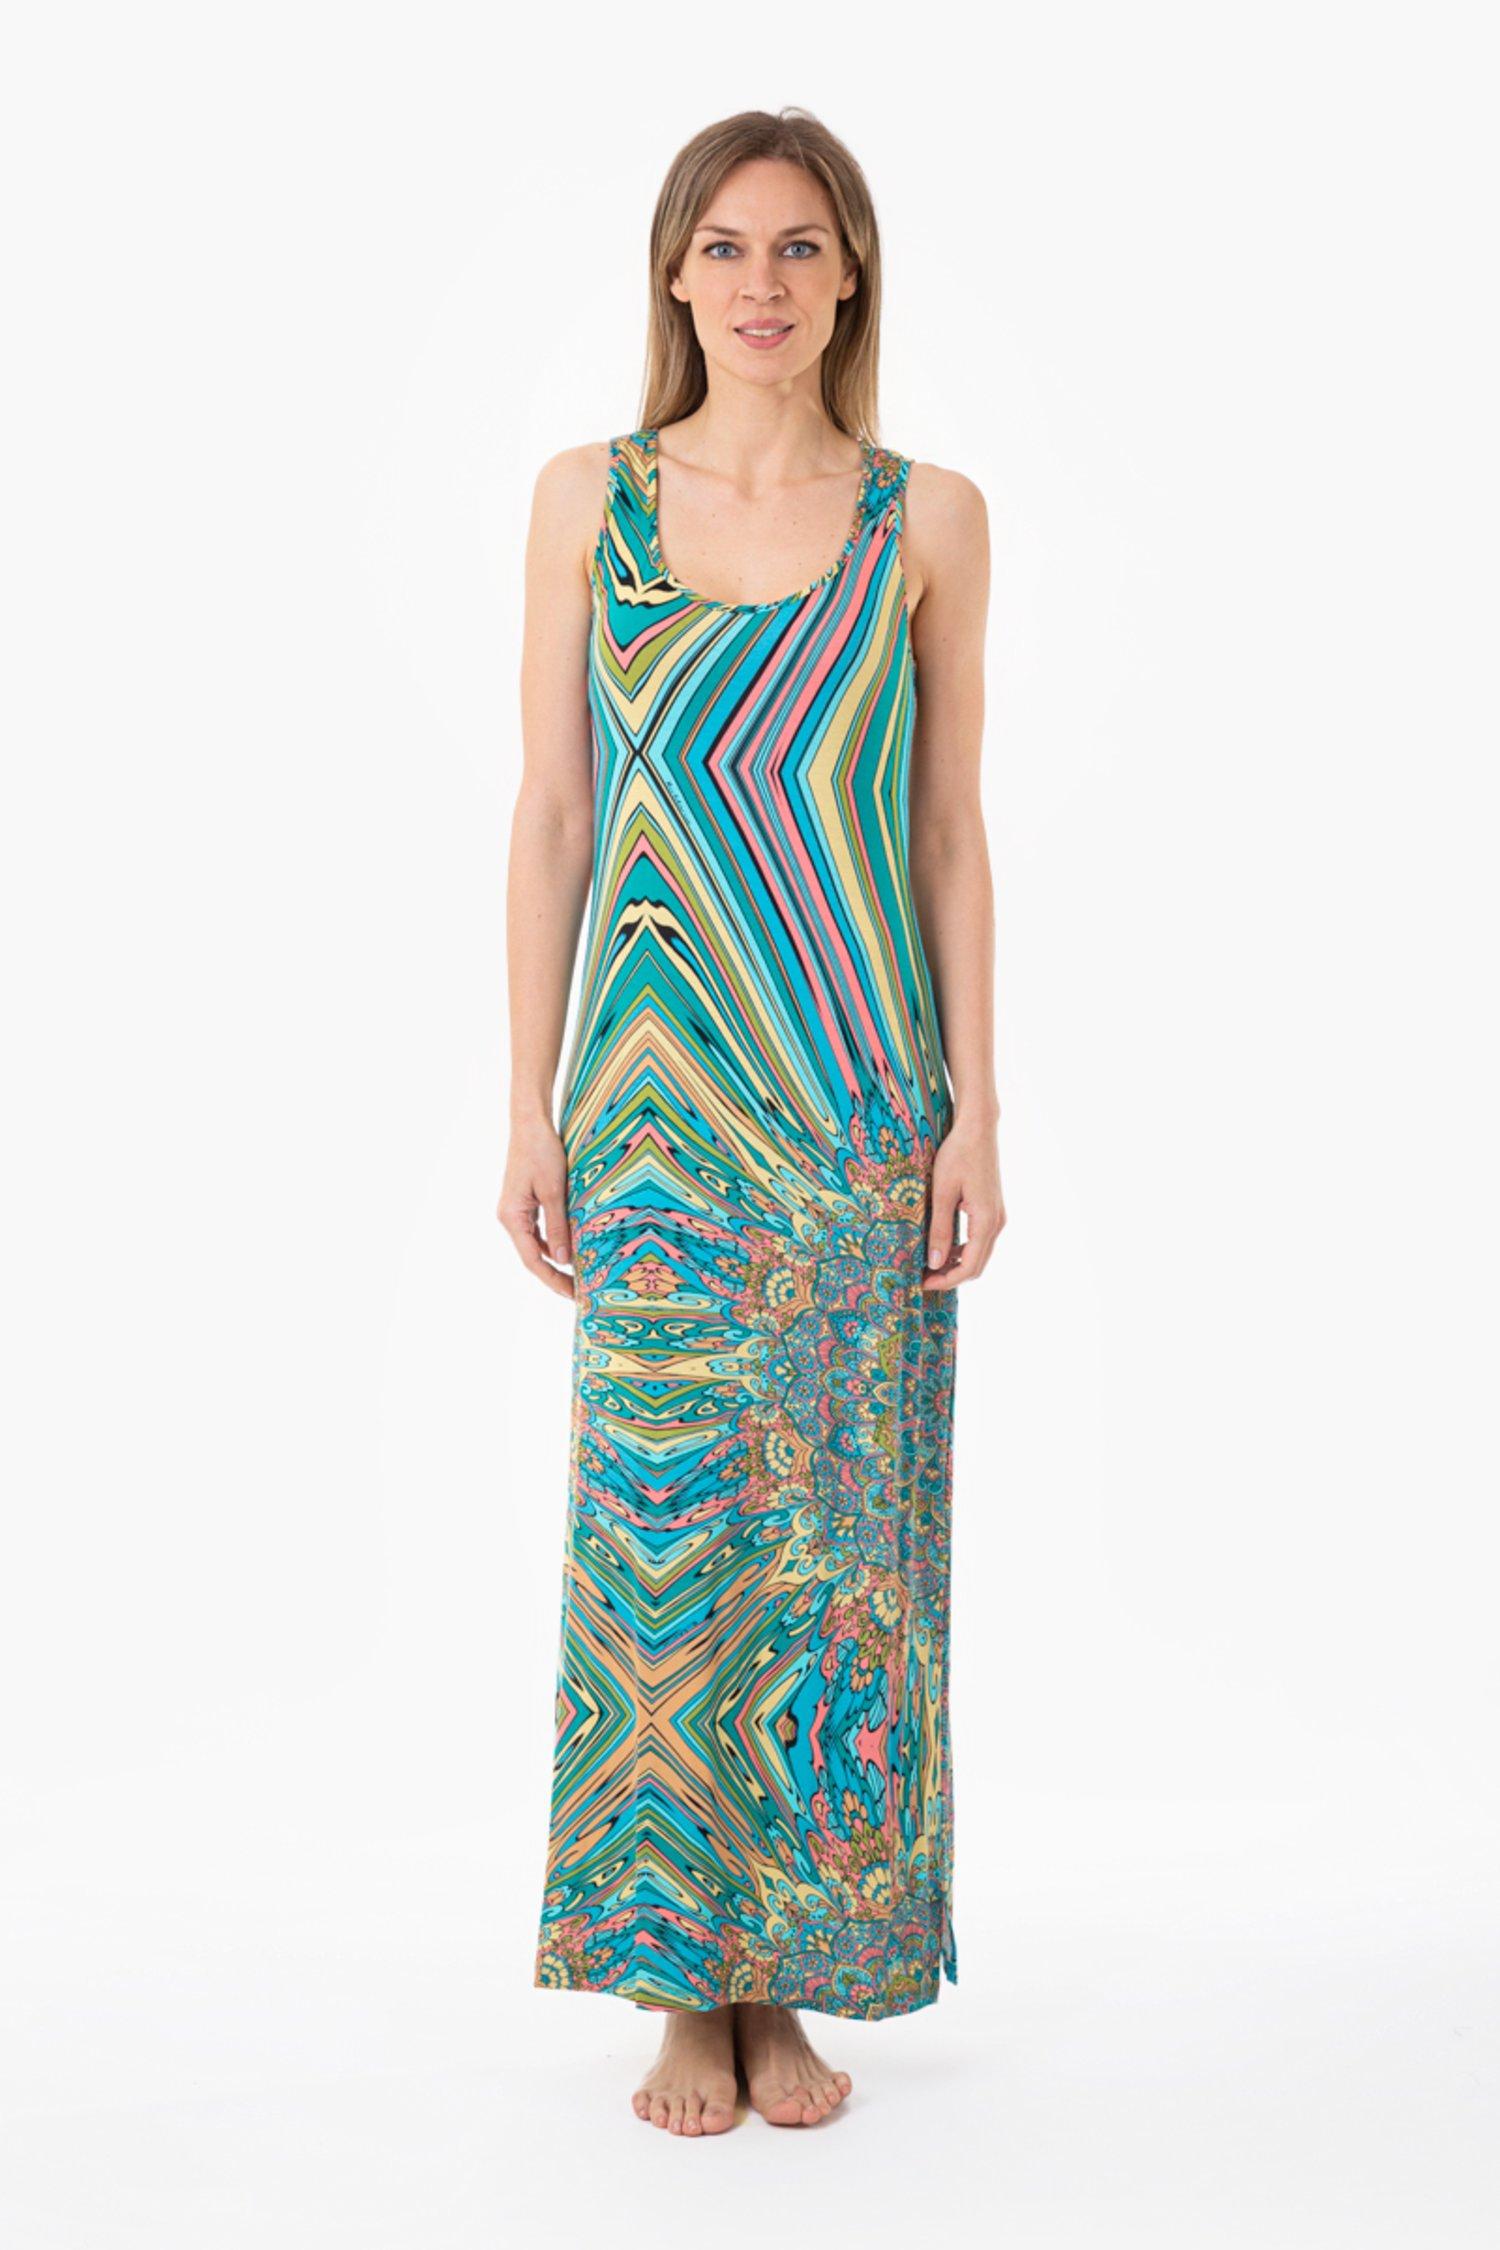 PRINTED JERSEY TANK TOP LONG DRESS - Mandala Azzurro